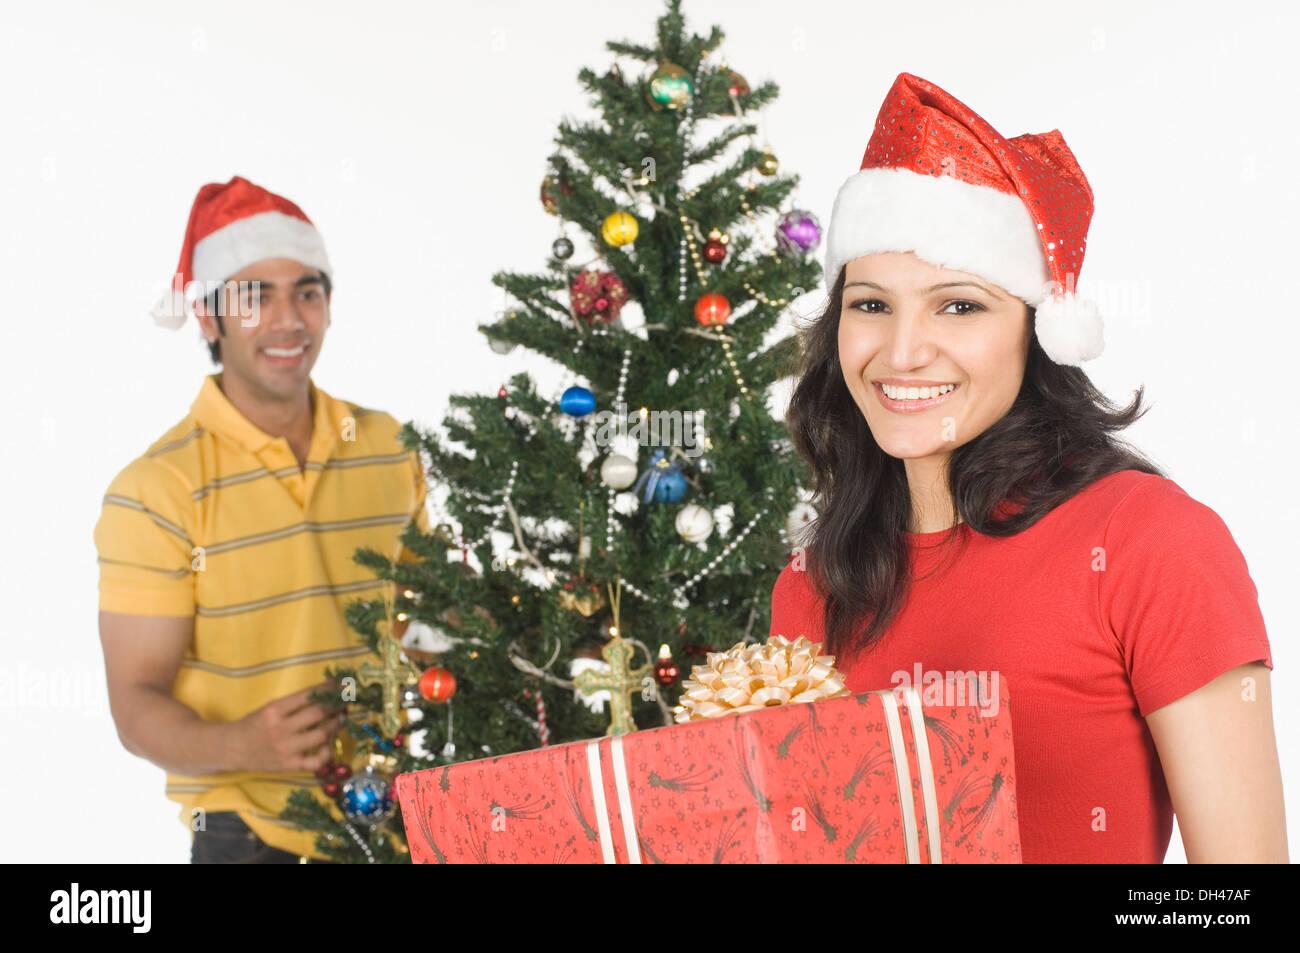 Femme tenant un cadeau de Noël avec un homme la décoration d'un arbre de Noël dans l'arrière-plan Banque D'Images